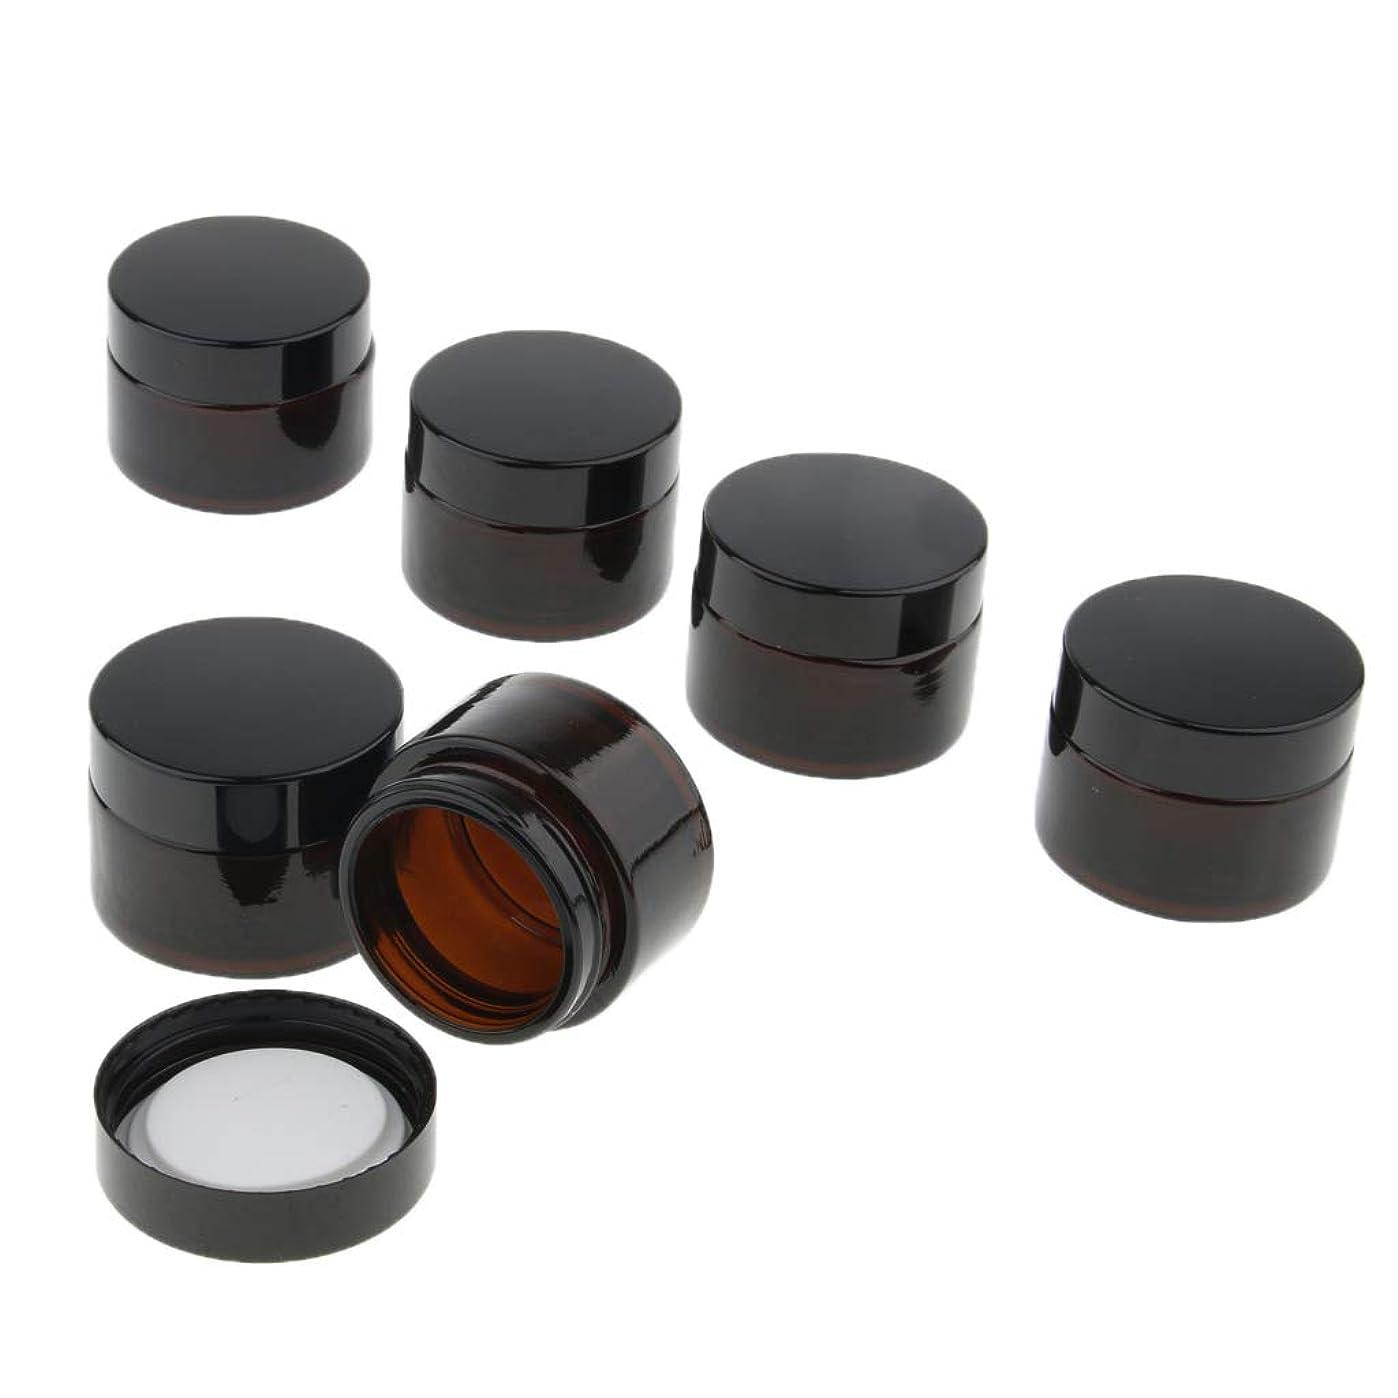 ハウス曲げる一CUTICATE コスメジャー メイクアップ 化粧品 小分け用 詰替え容器 3サイズ選べ 6個 - 20g